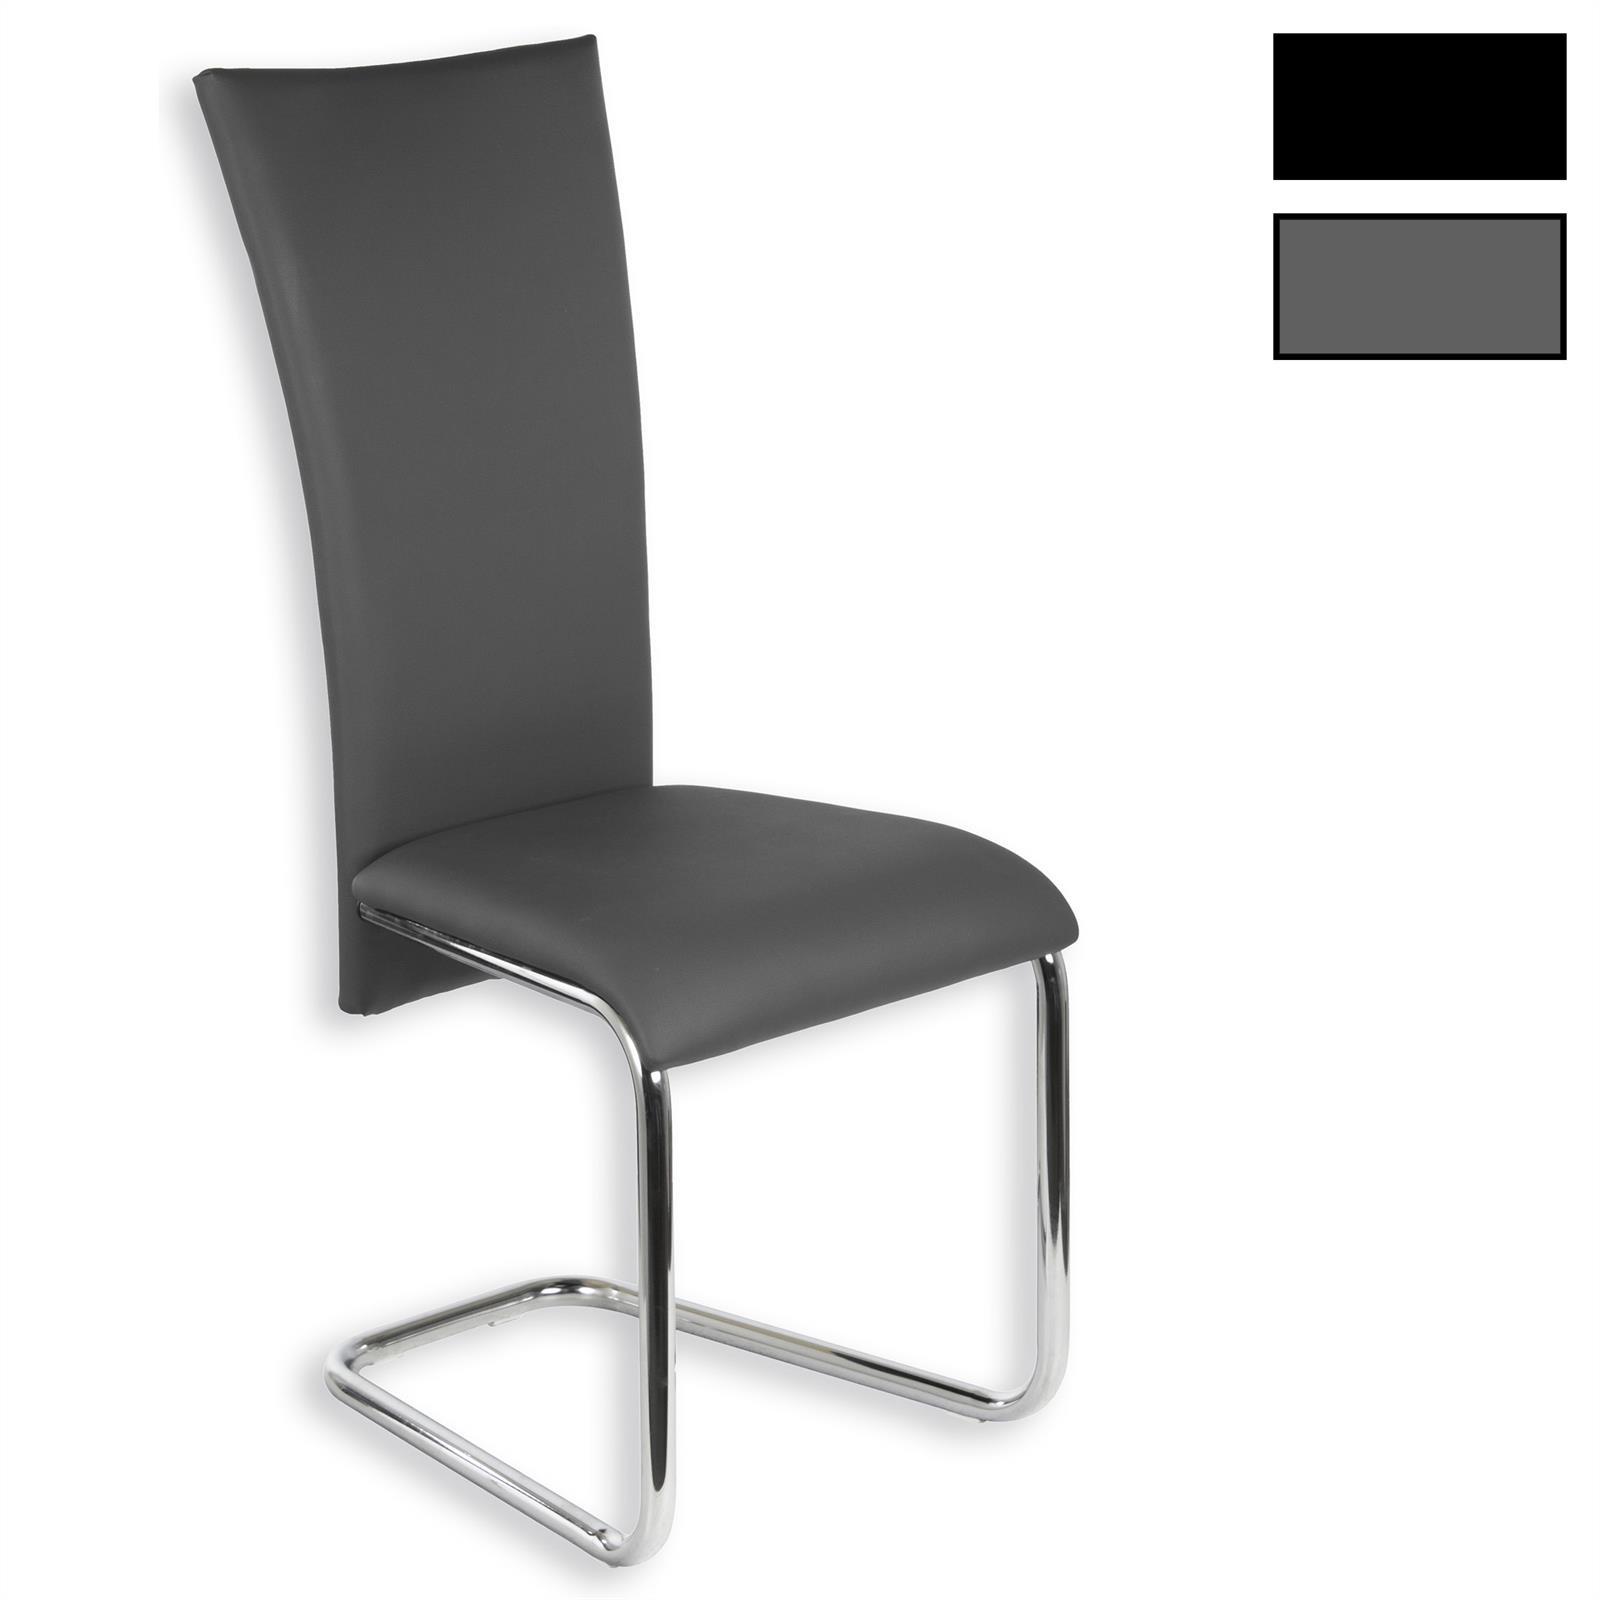 schwingstuhl esszimmerstuhl freischwinger 4er set lederimitat ebay. Black Bedroom Furniture Sets. Home Design Ideas